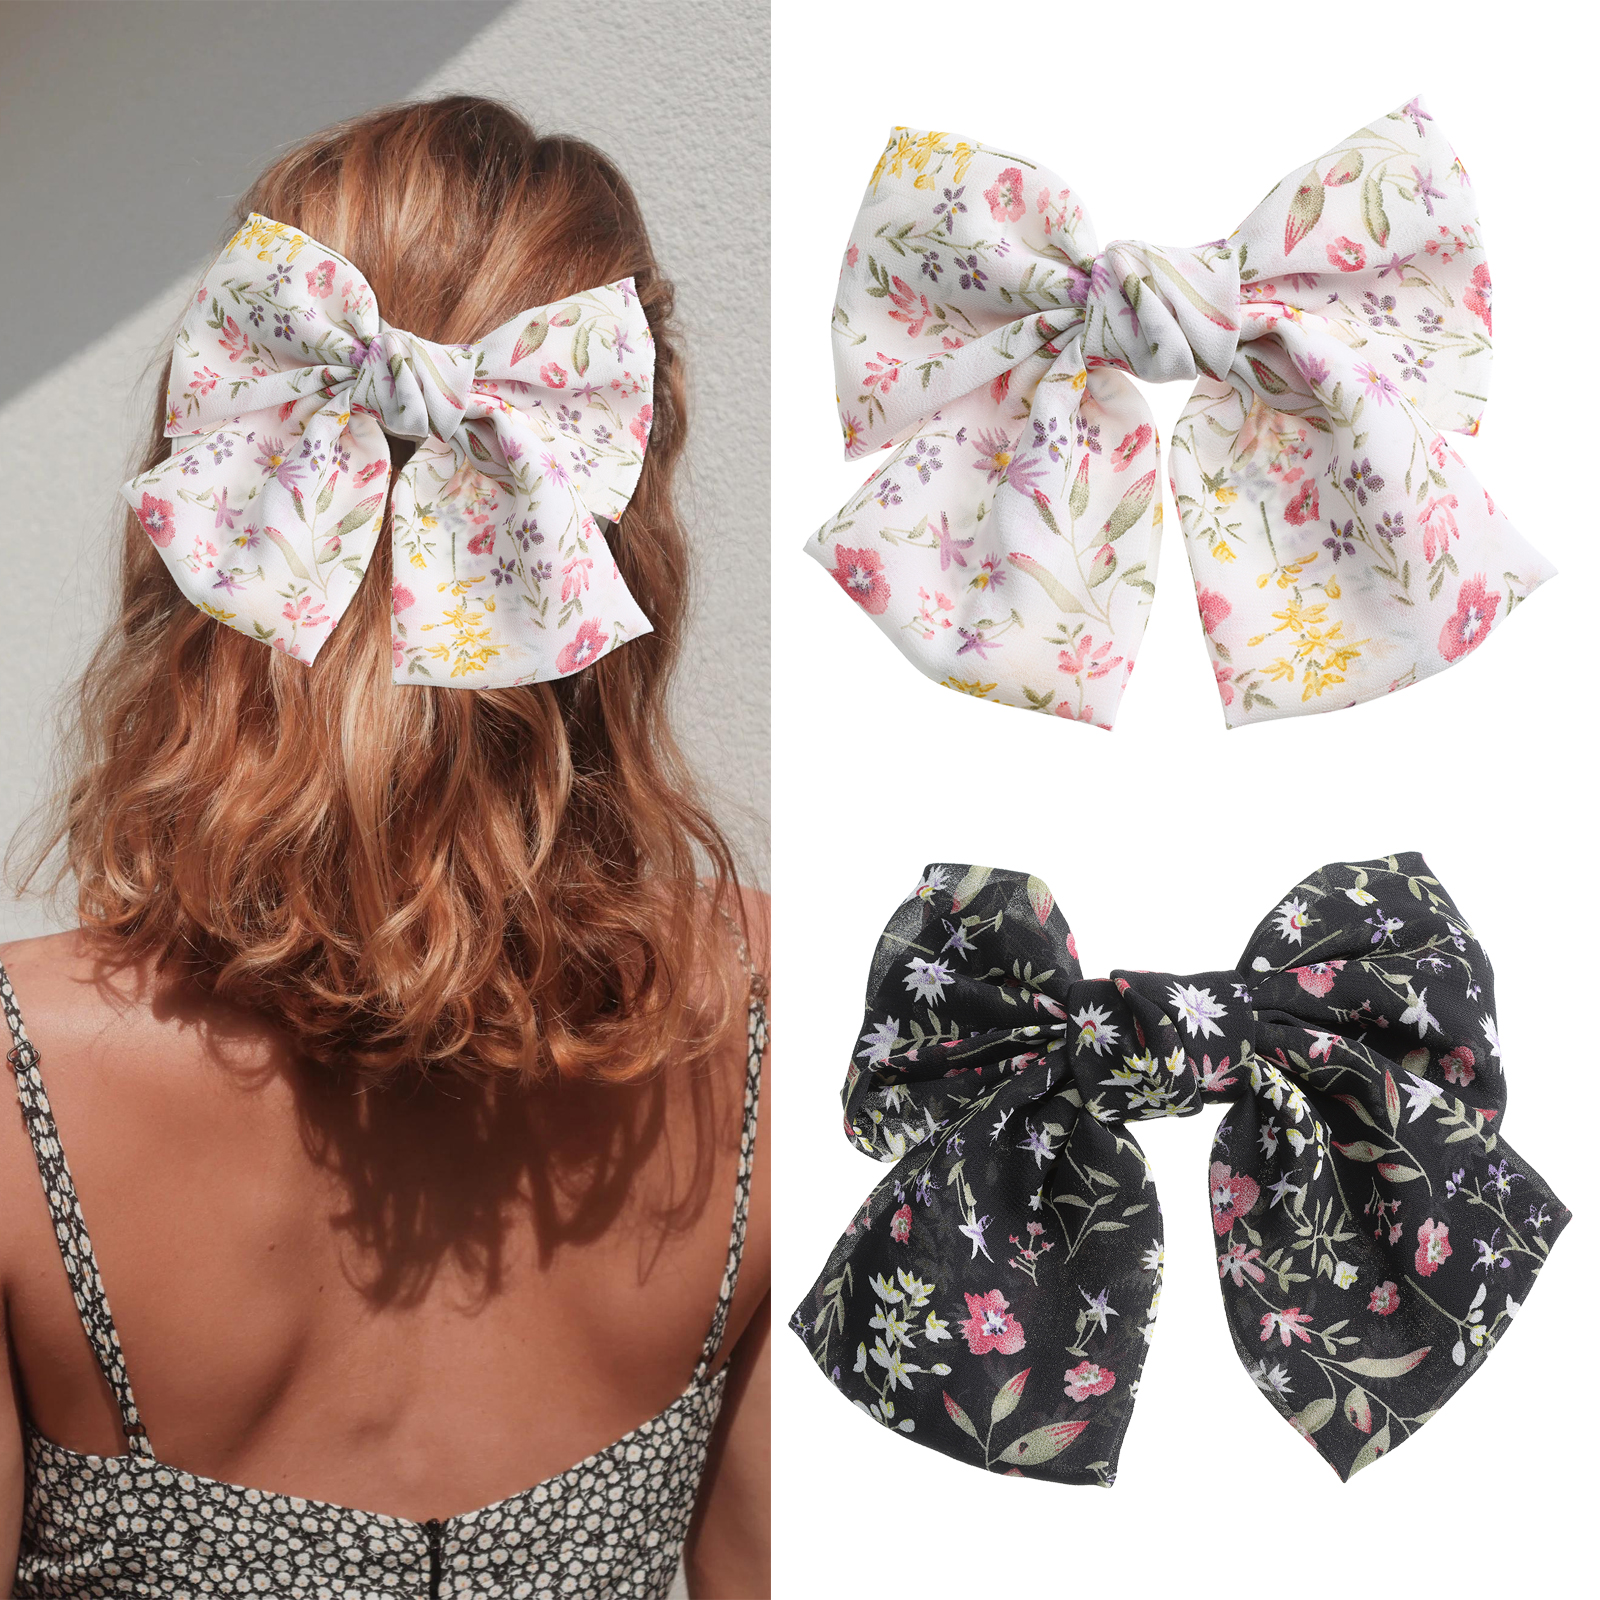 Haimeikang Big Bow Hair Clip Headwear Two Layer Butterfly Hairpin Bow Knot Ties Hair Clips Tiara Women Fashion Hair Accessories